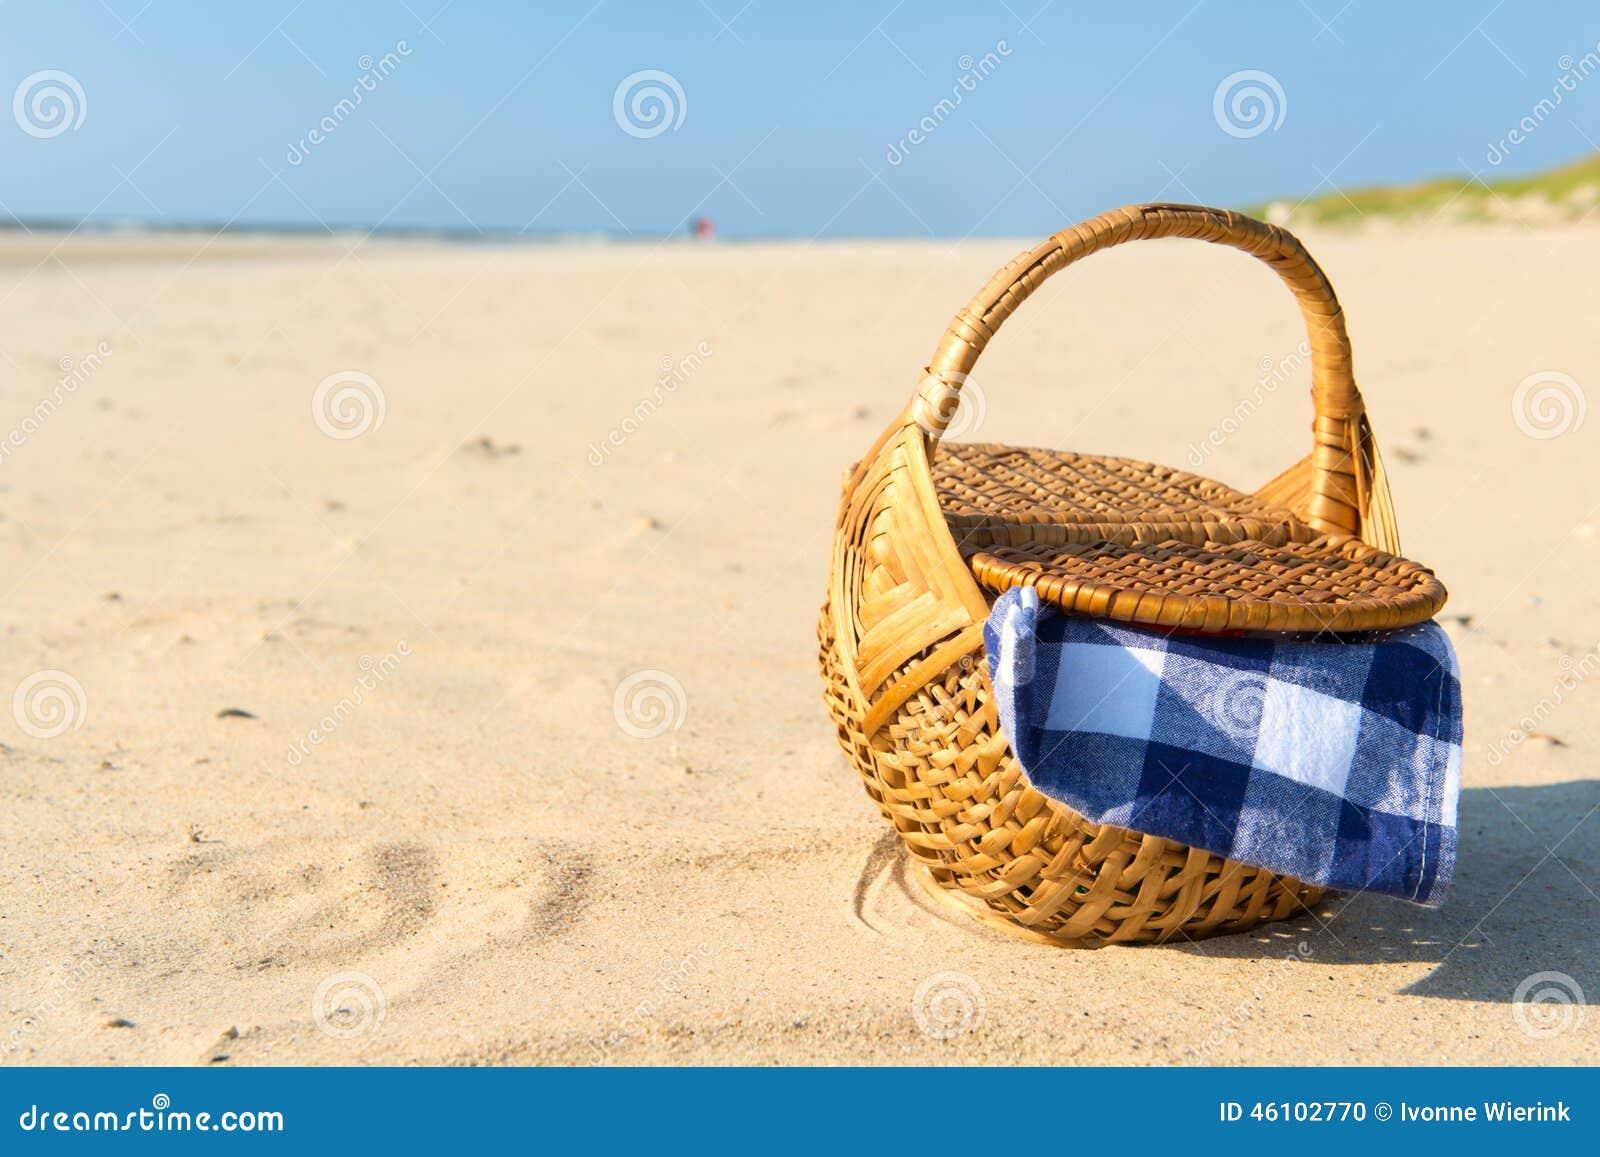 panier de pique nique la plage photo stock image 46102770. Black Bedroom Furniture Sets. Home Design Ideas